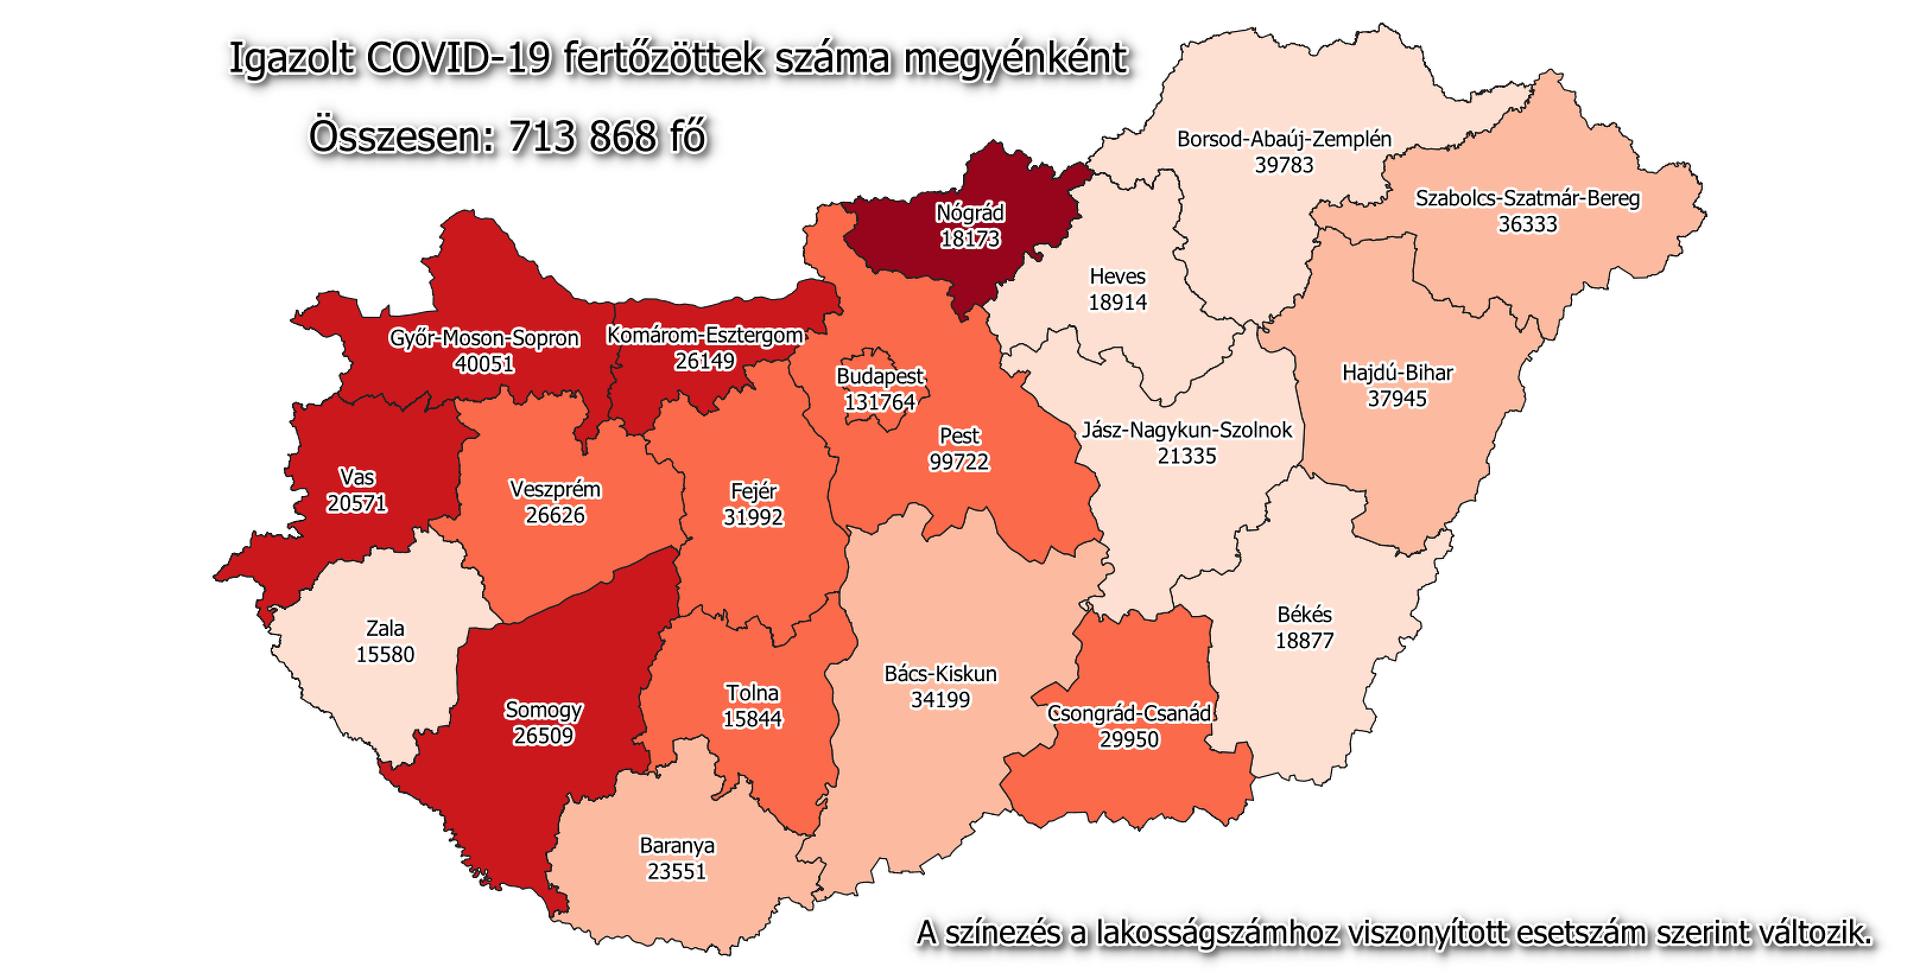 Koronavírus térkép 04. 10.